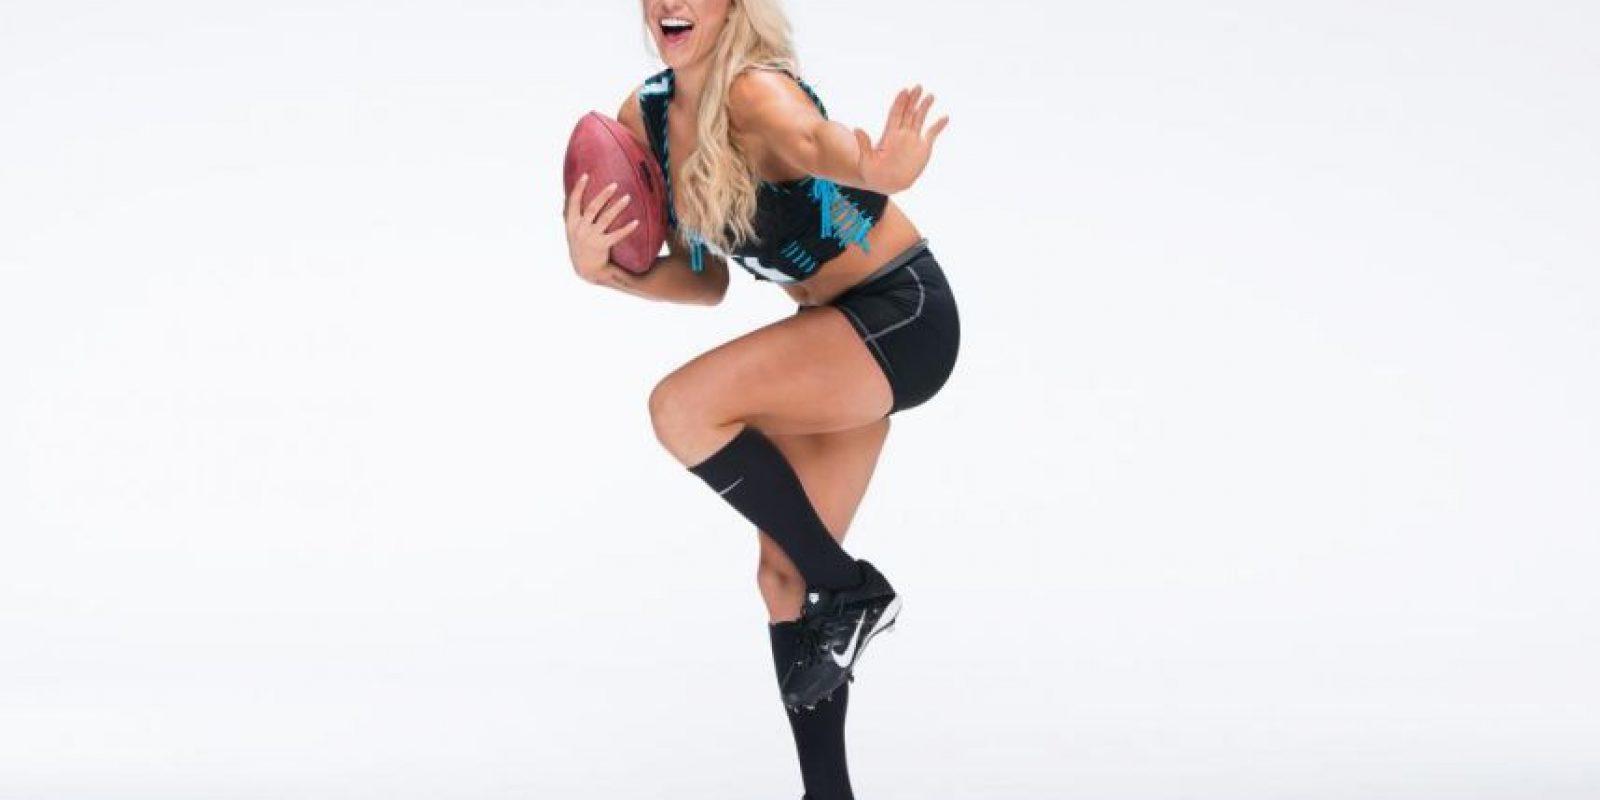 Su nombre real es Ashley Elizabeth Fliehr. Foto:WWE